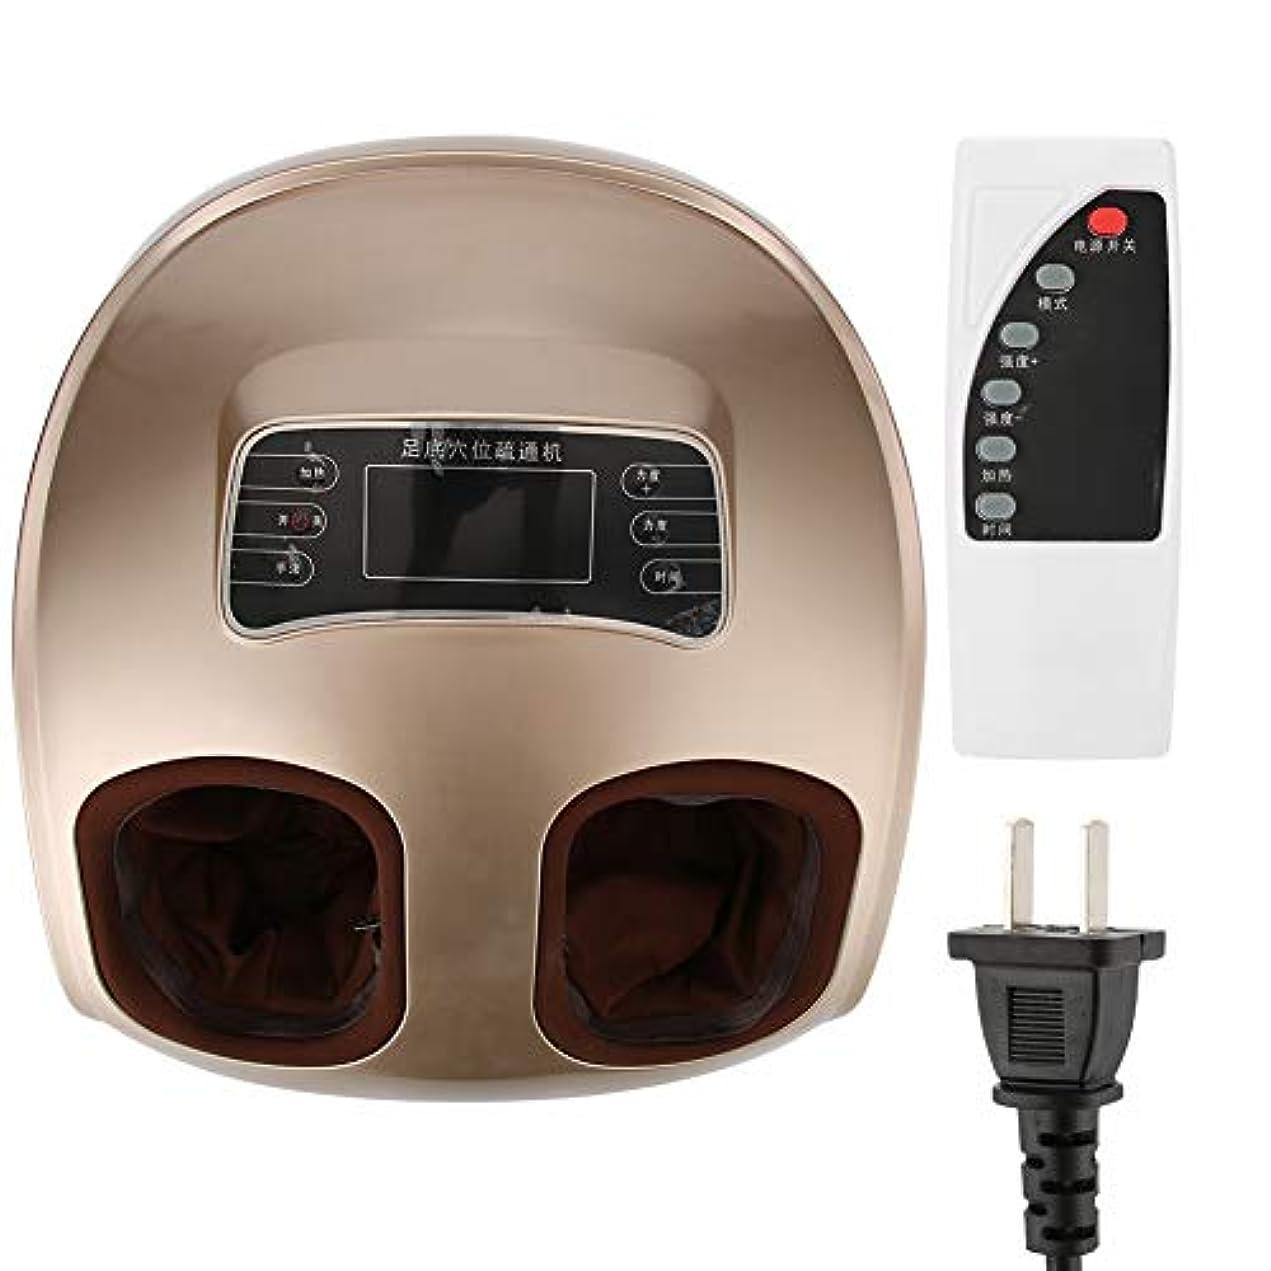 テメリティバーガー継承フットマッサージャー220ボルト電気フットマッサージャー足鍼ポイントマッサージ混練軽減する疲労マシンCN